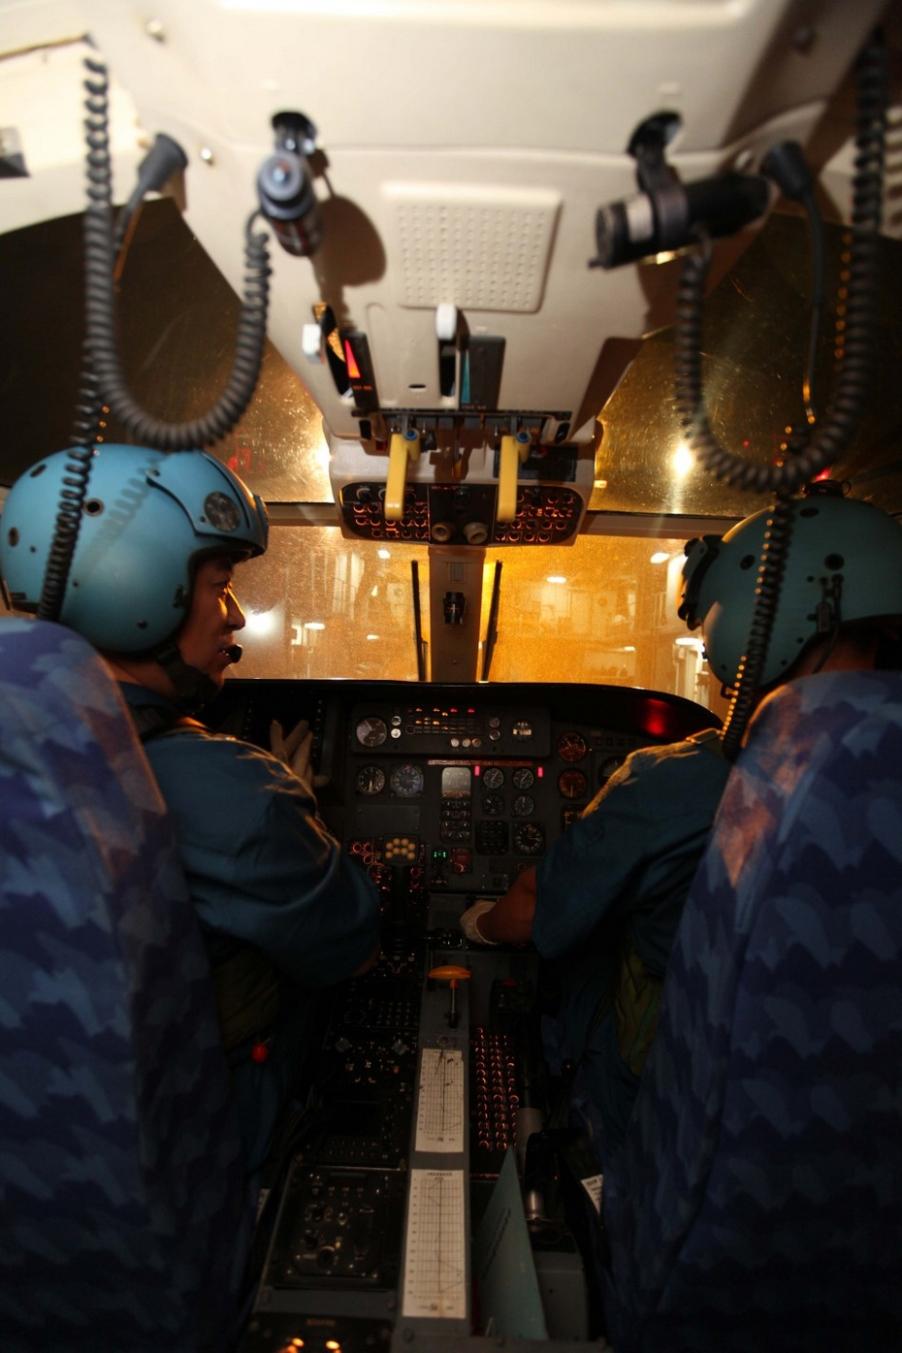 中国海军直9练舰机协同反海盗 驾驶室曝光